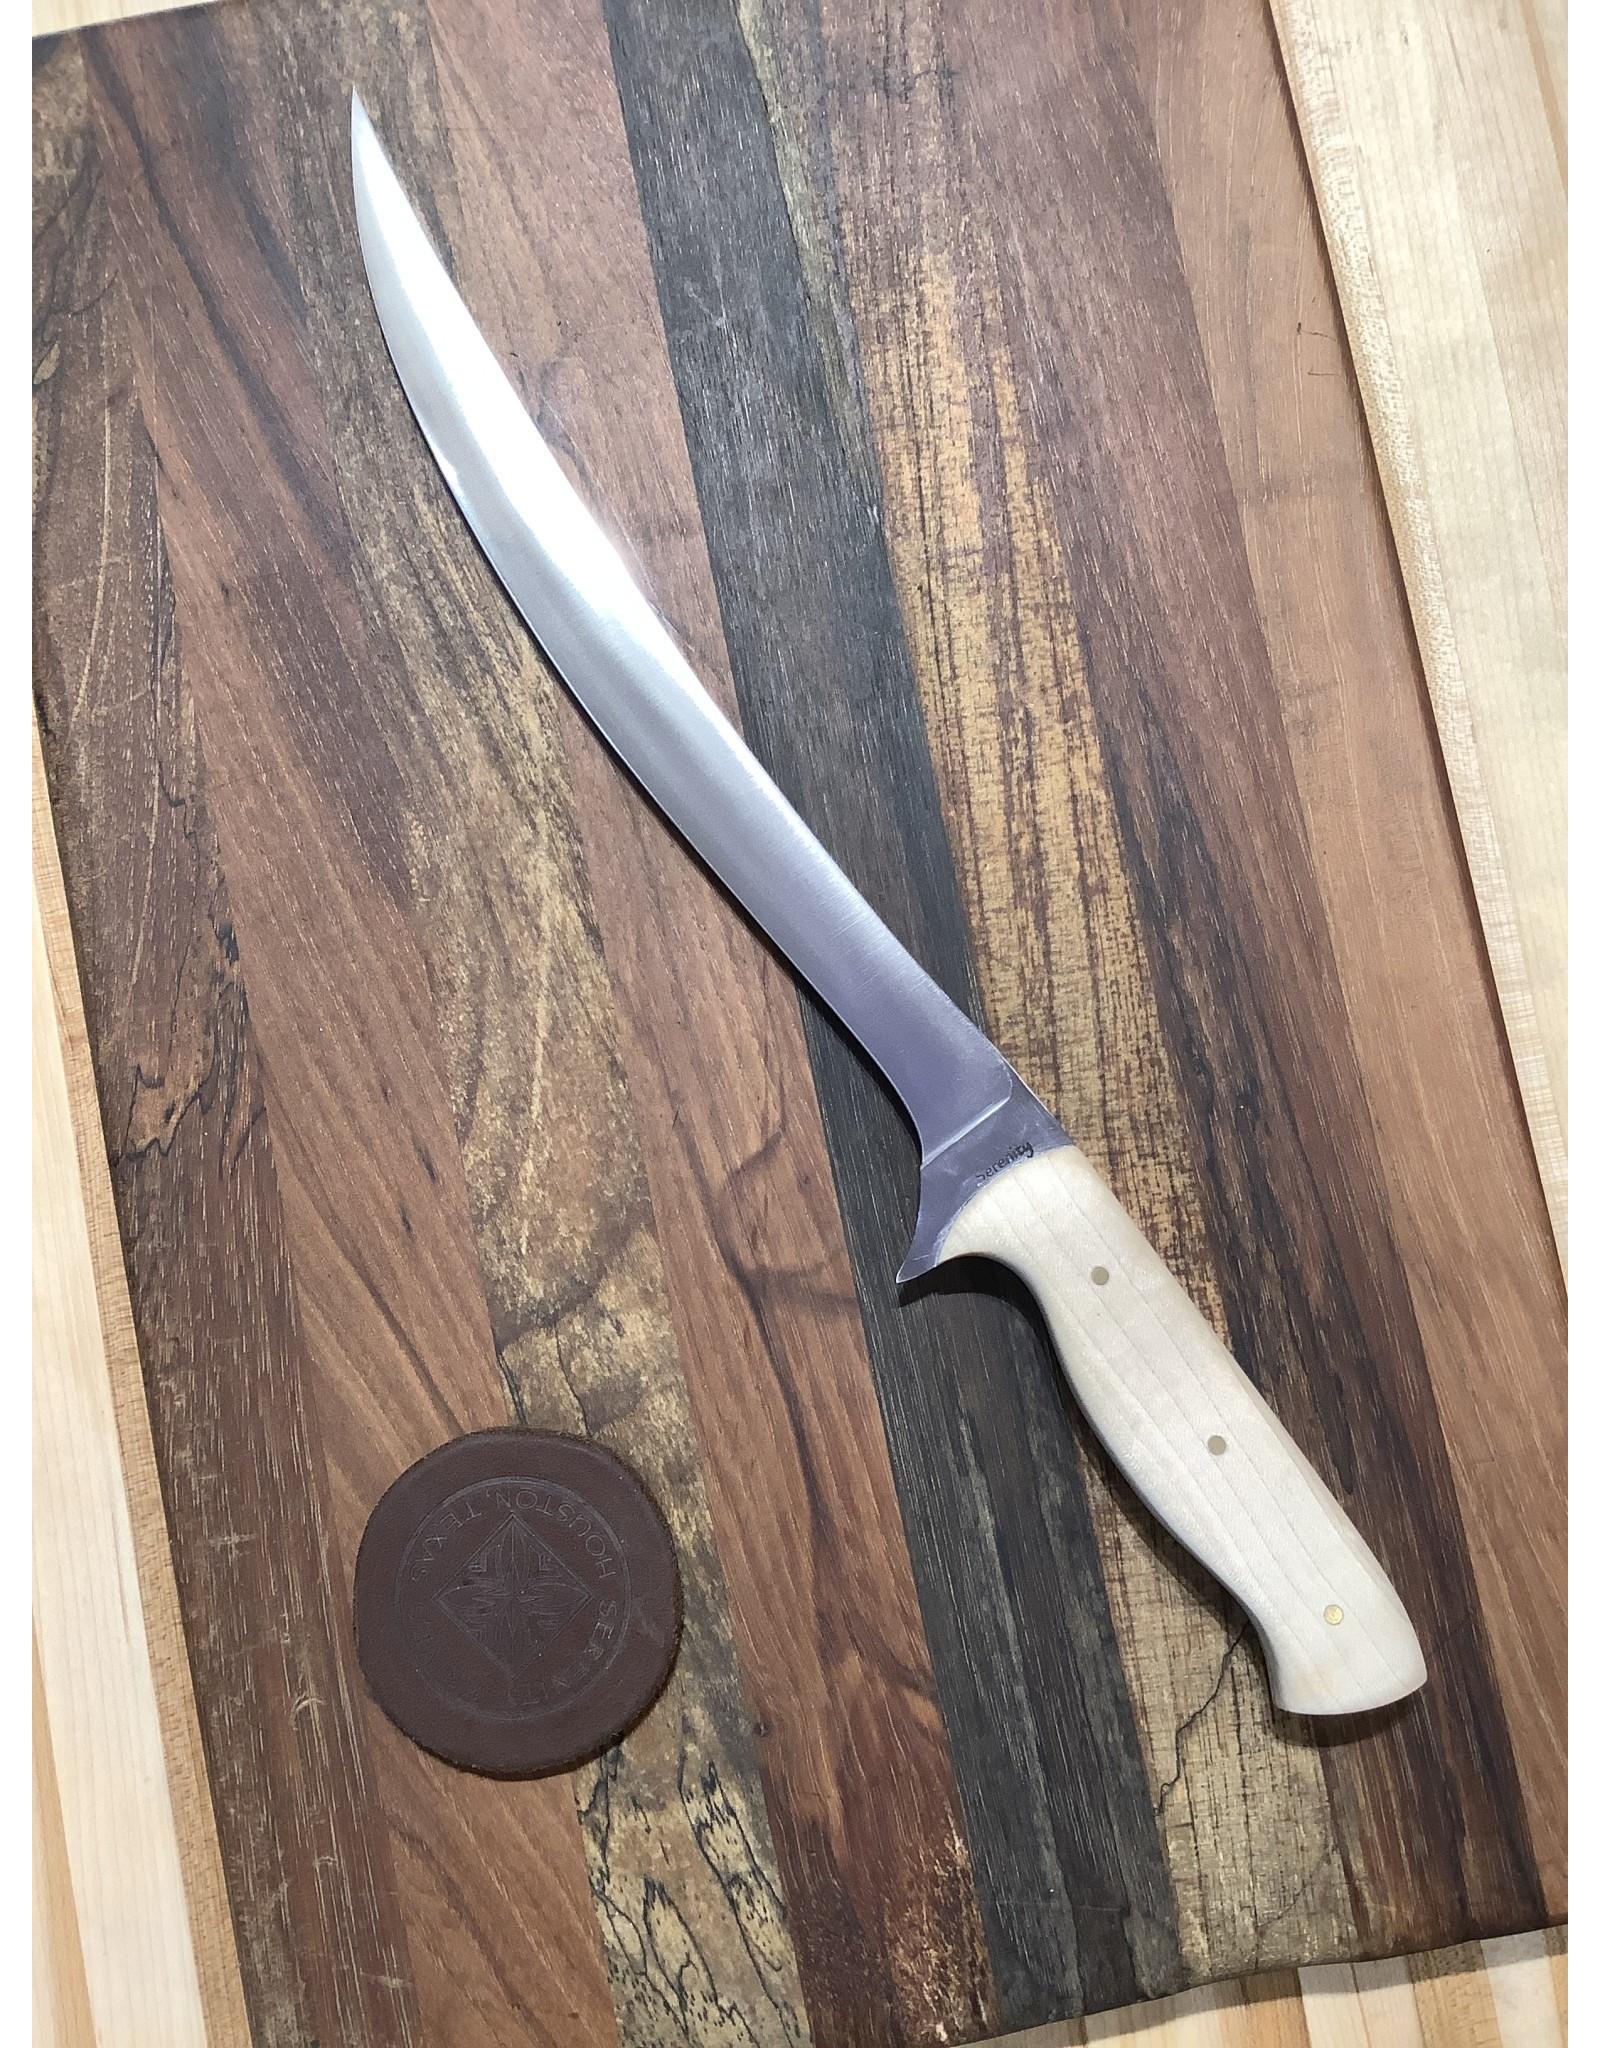 Serenity Curved Filet Knife Z-FiNit